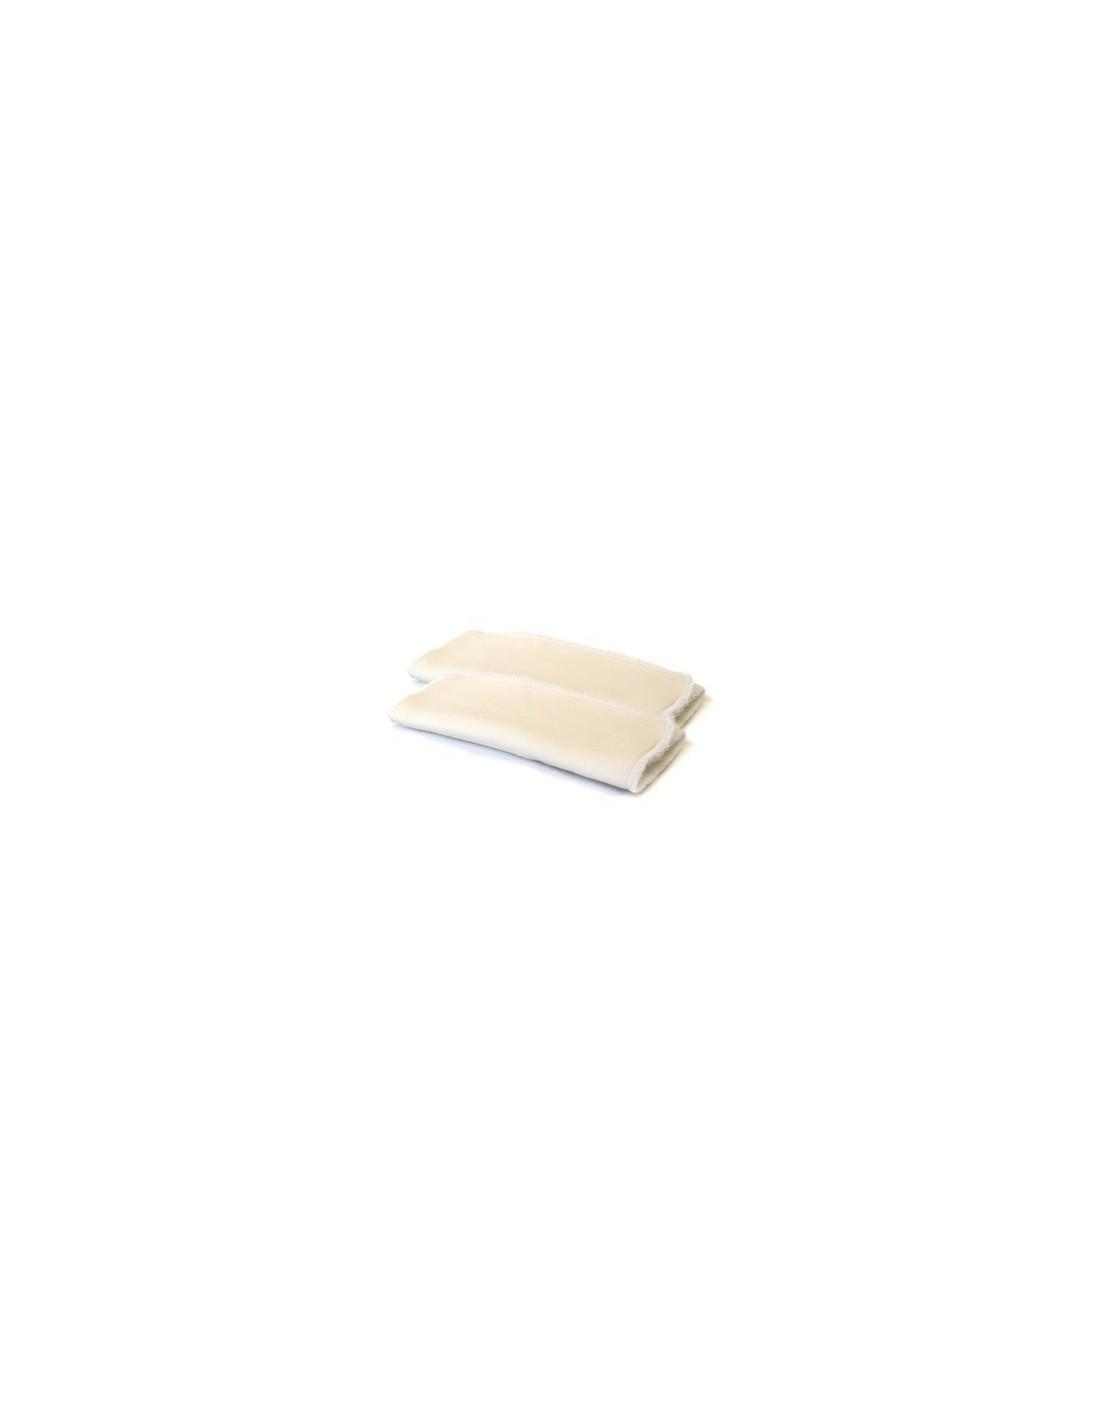 hamac absorbants inserts lavables couches lavables mes tendances bio. Black Bedroom Furniture Sets. Home Design Ideas